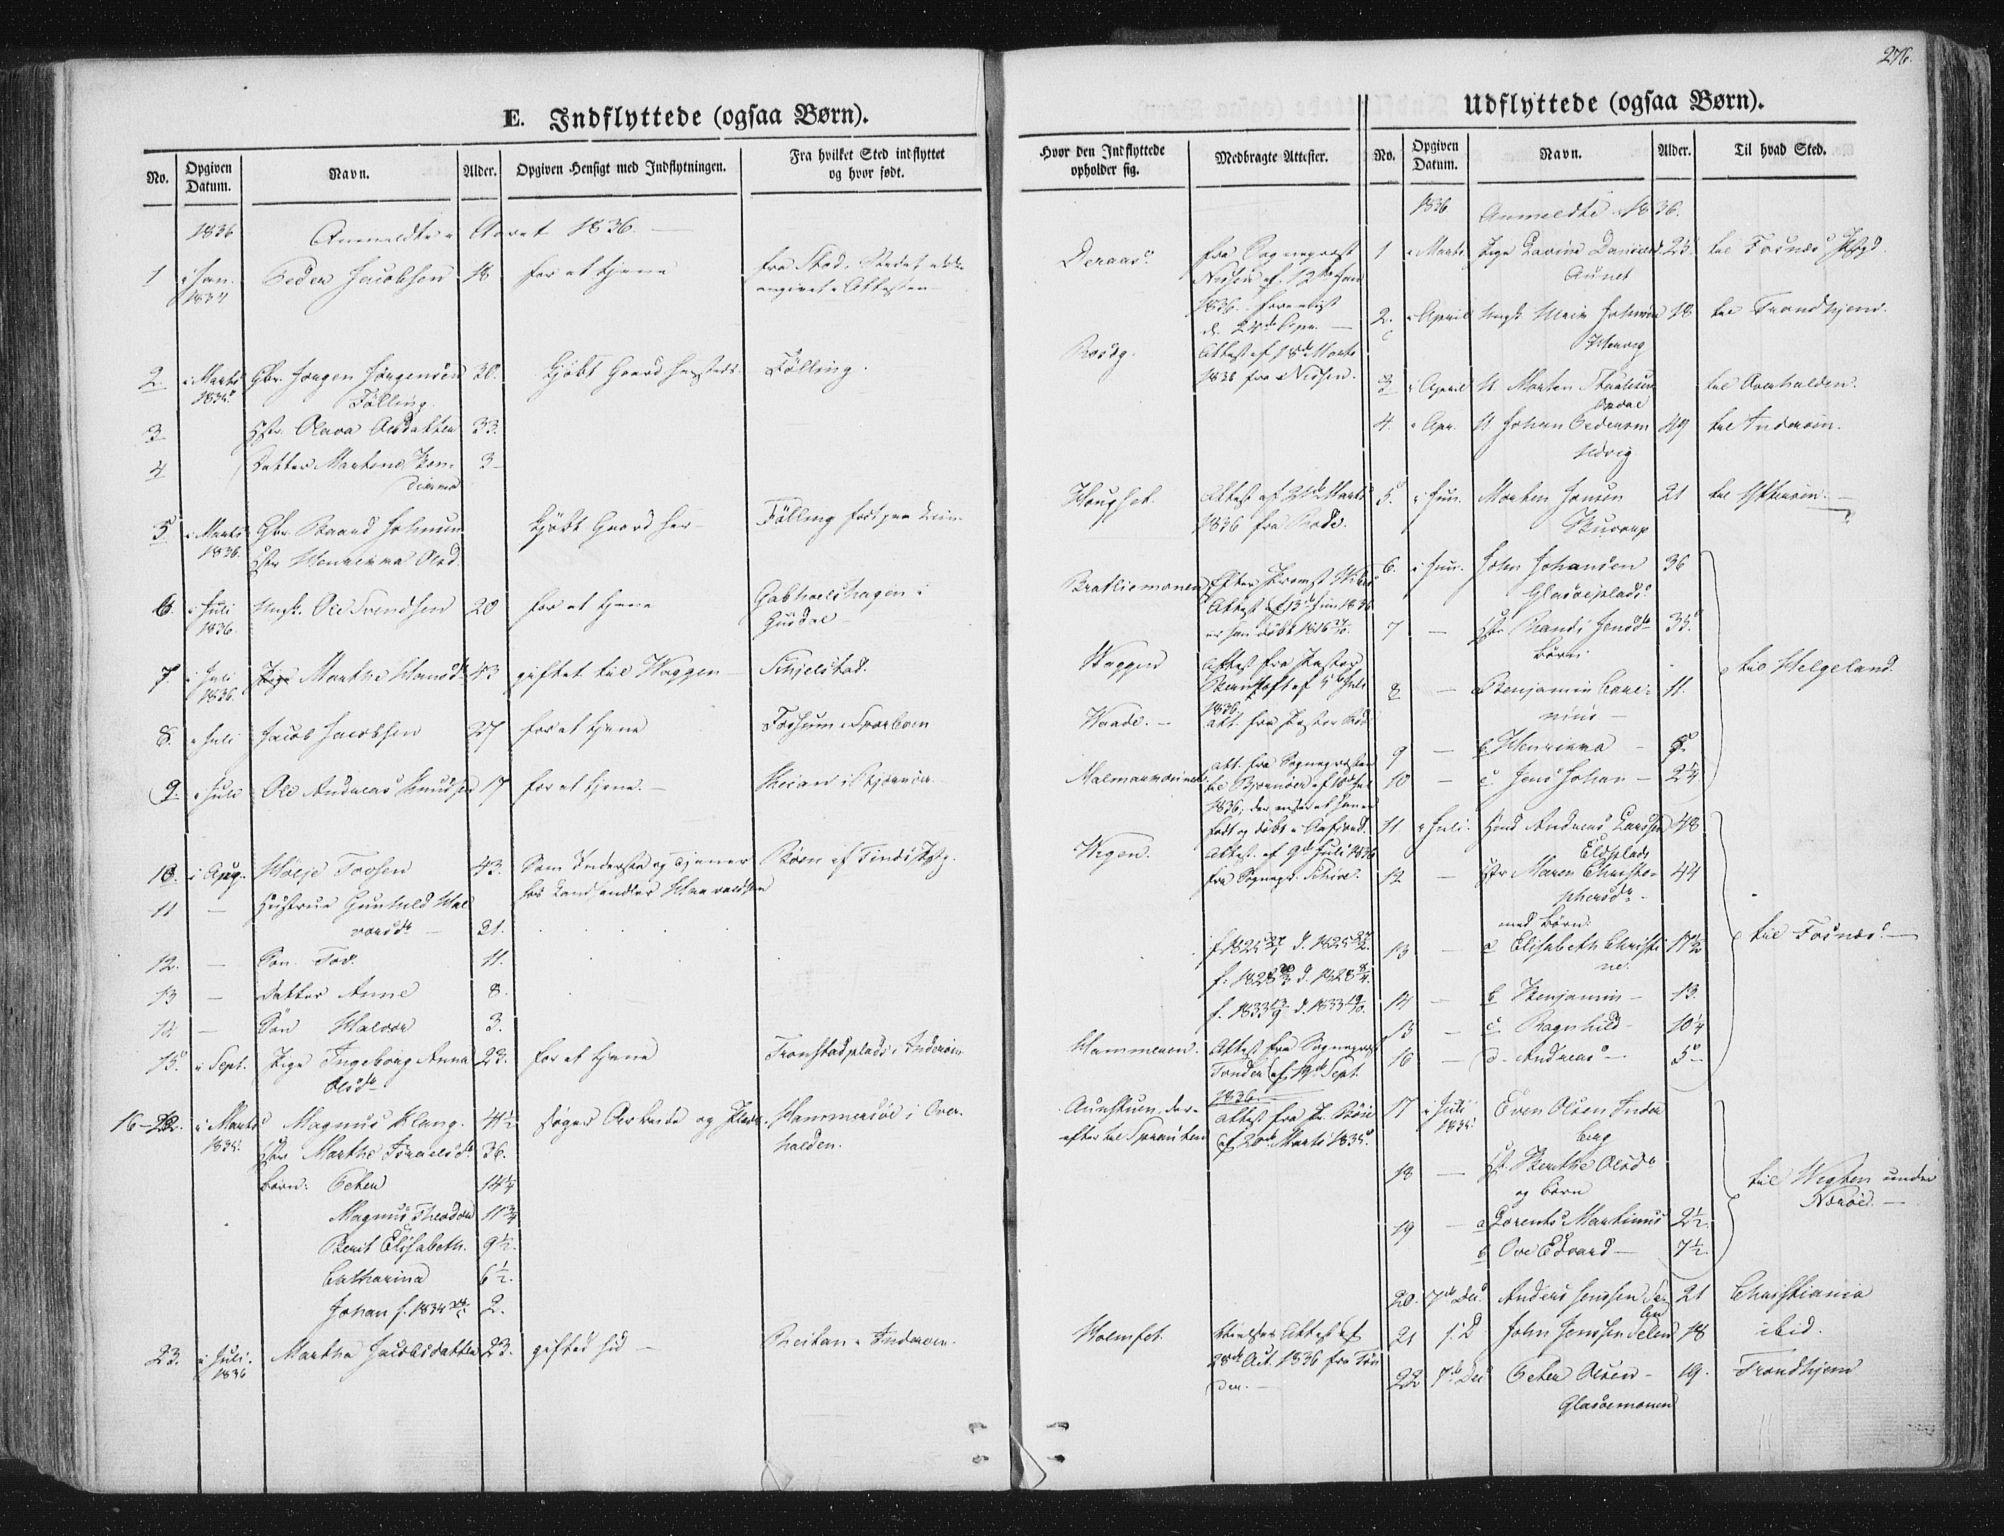 SAT, Ministerialprotokoller, klokkerbøker og fødselsregistre - Nord-Trøndelag, 741/L0392: Ministerialbok nr. 741A06, 1836-1848, s. 276